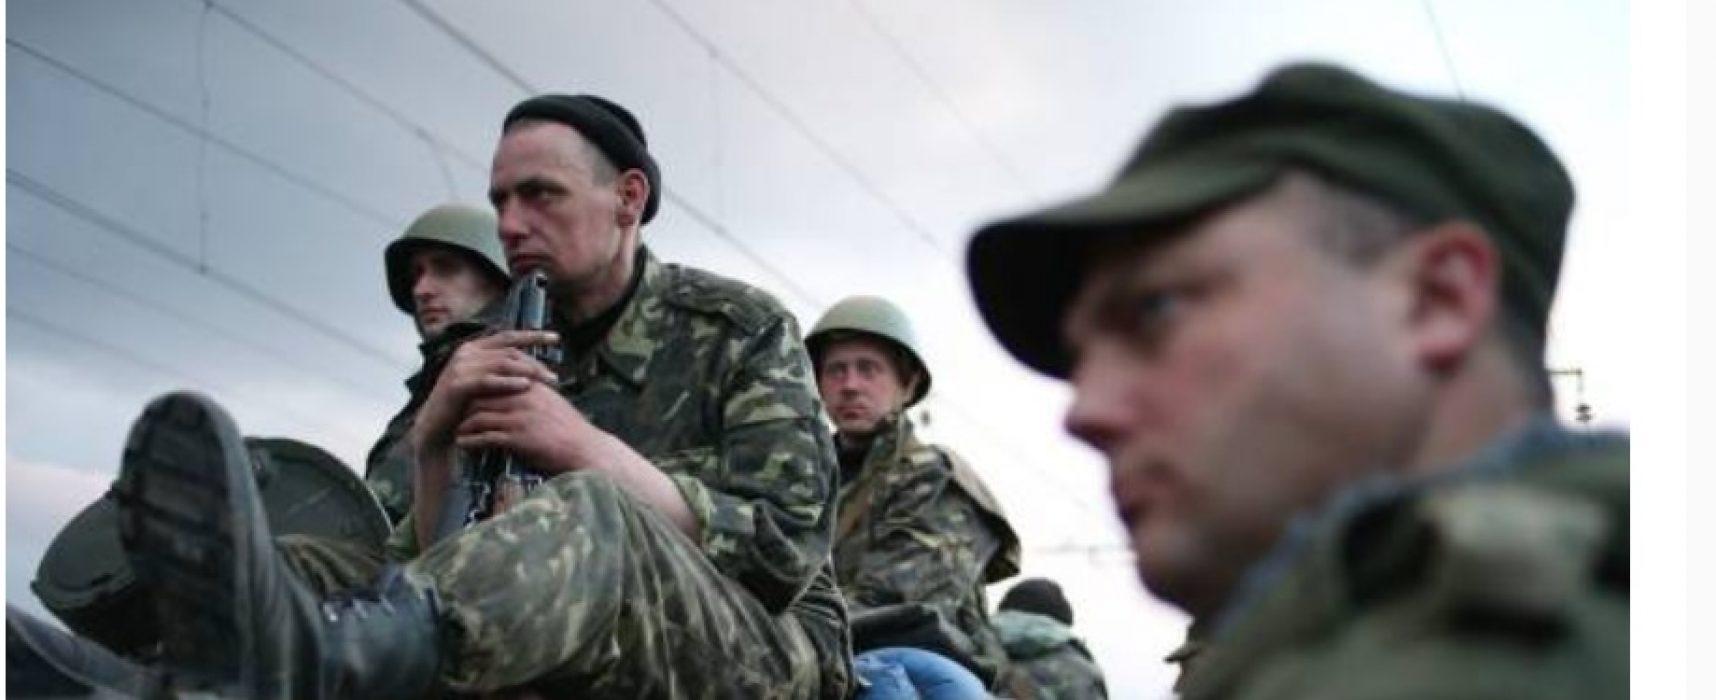 Фейк: Зараженный коронавирусом боец ВСУ был застрелен своим командиром на Донбассе